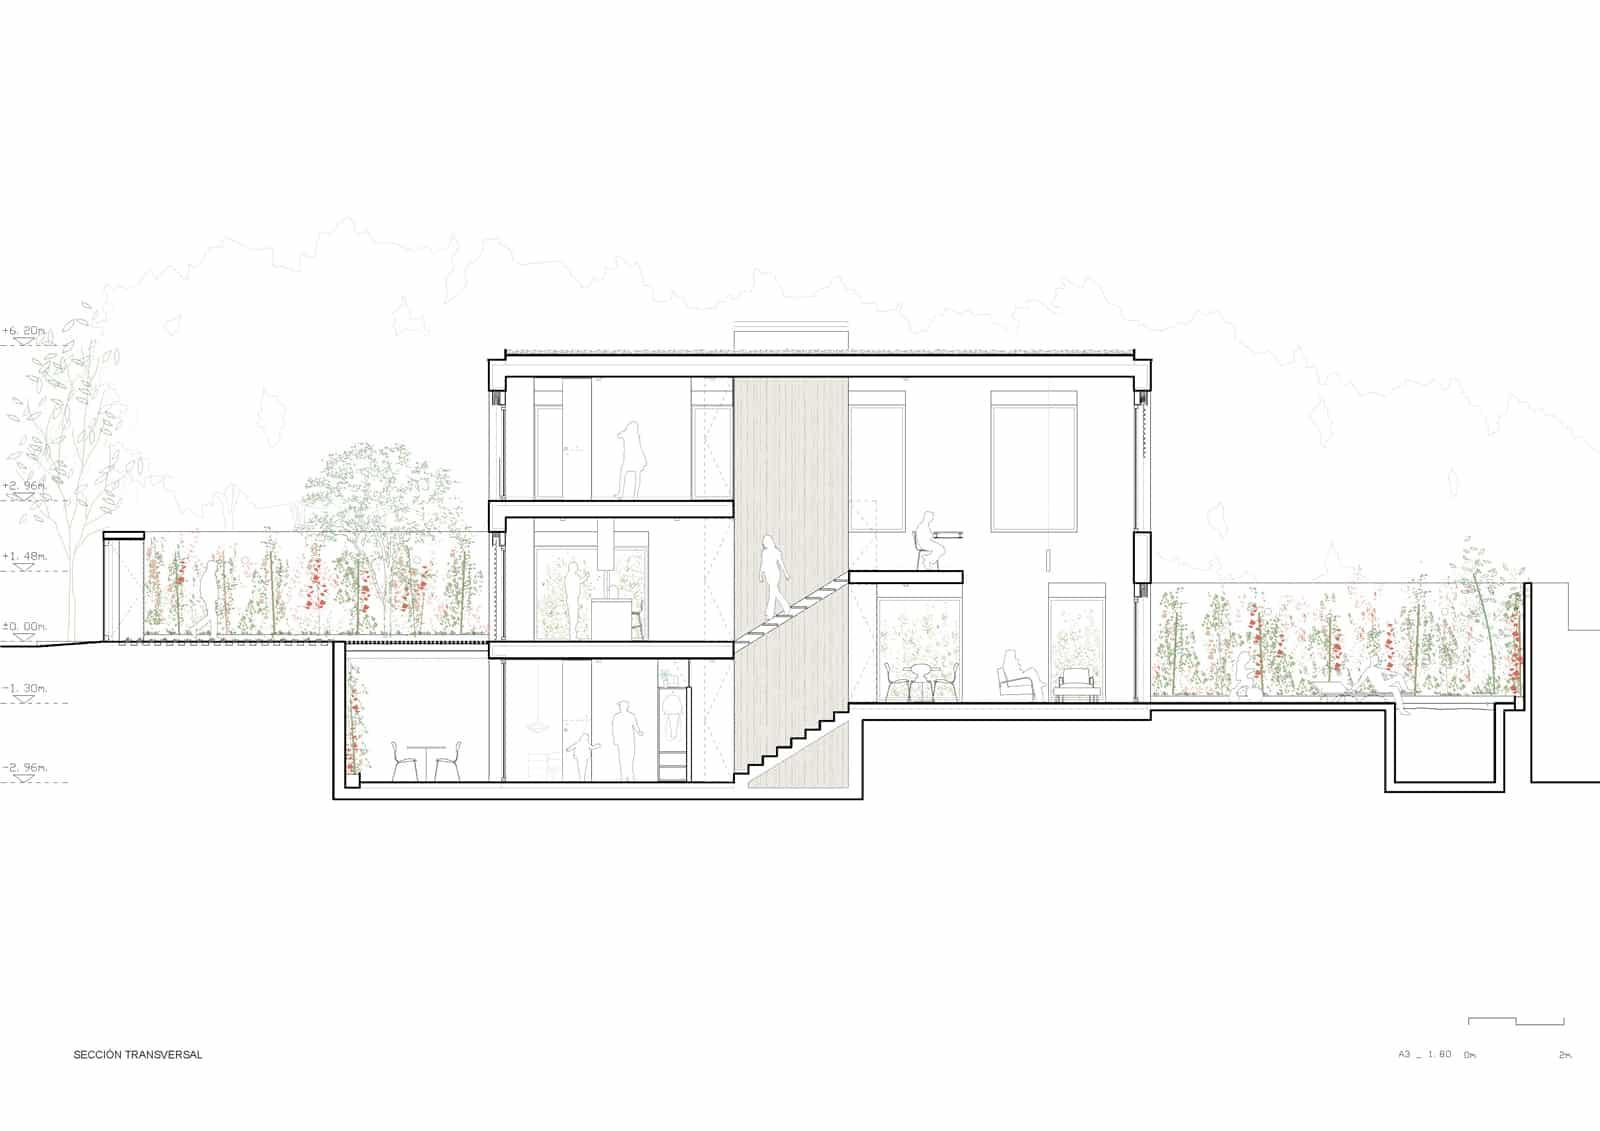 Woodcase House  - 20210907 AyllonParadelaDeAndres Woodcase 13 64